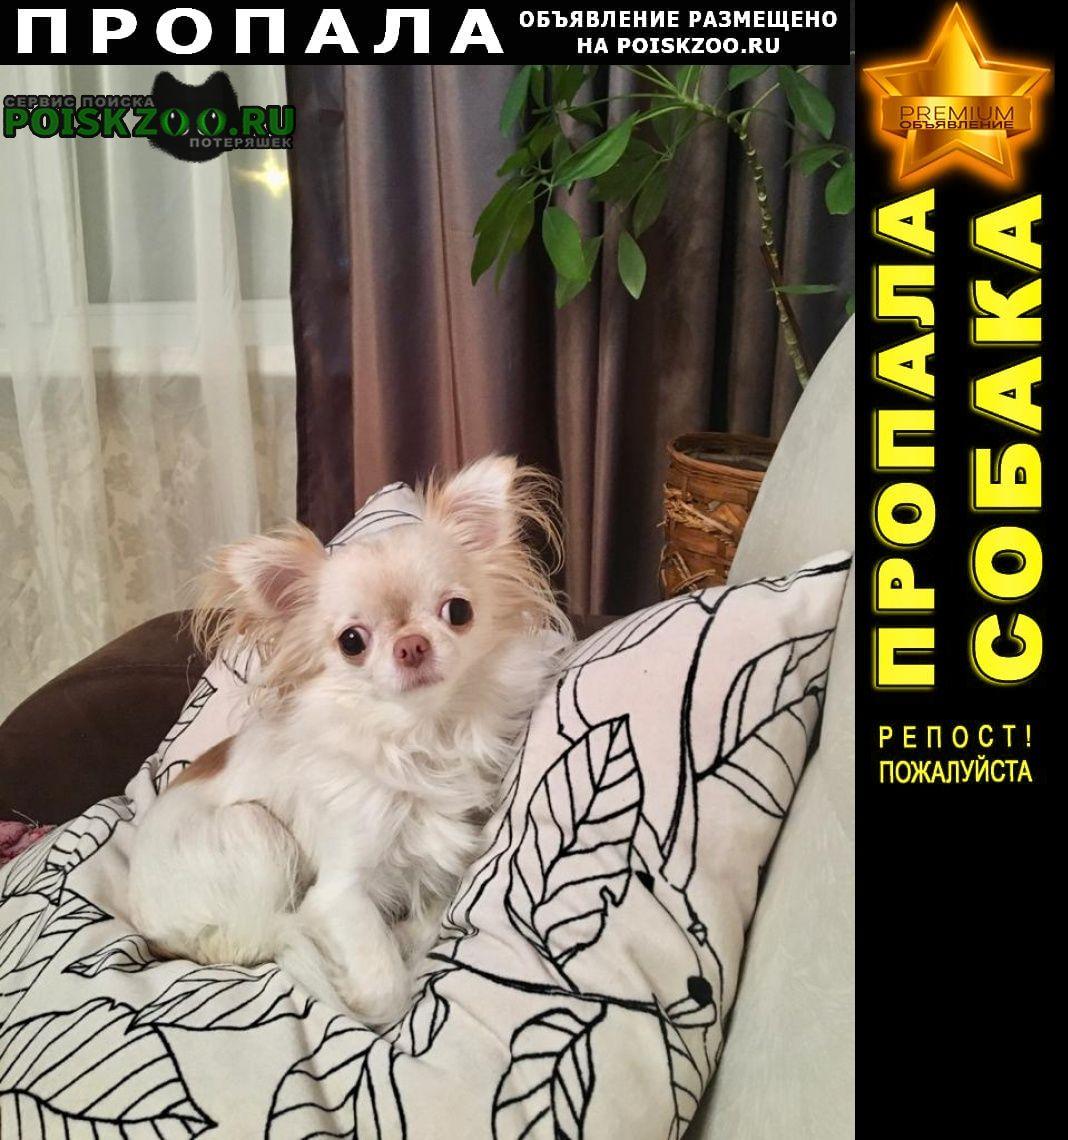 Пропала собака белая чихуа Тула